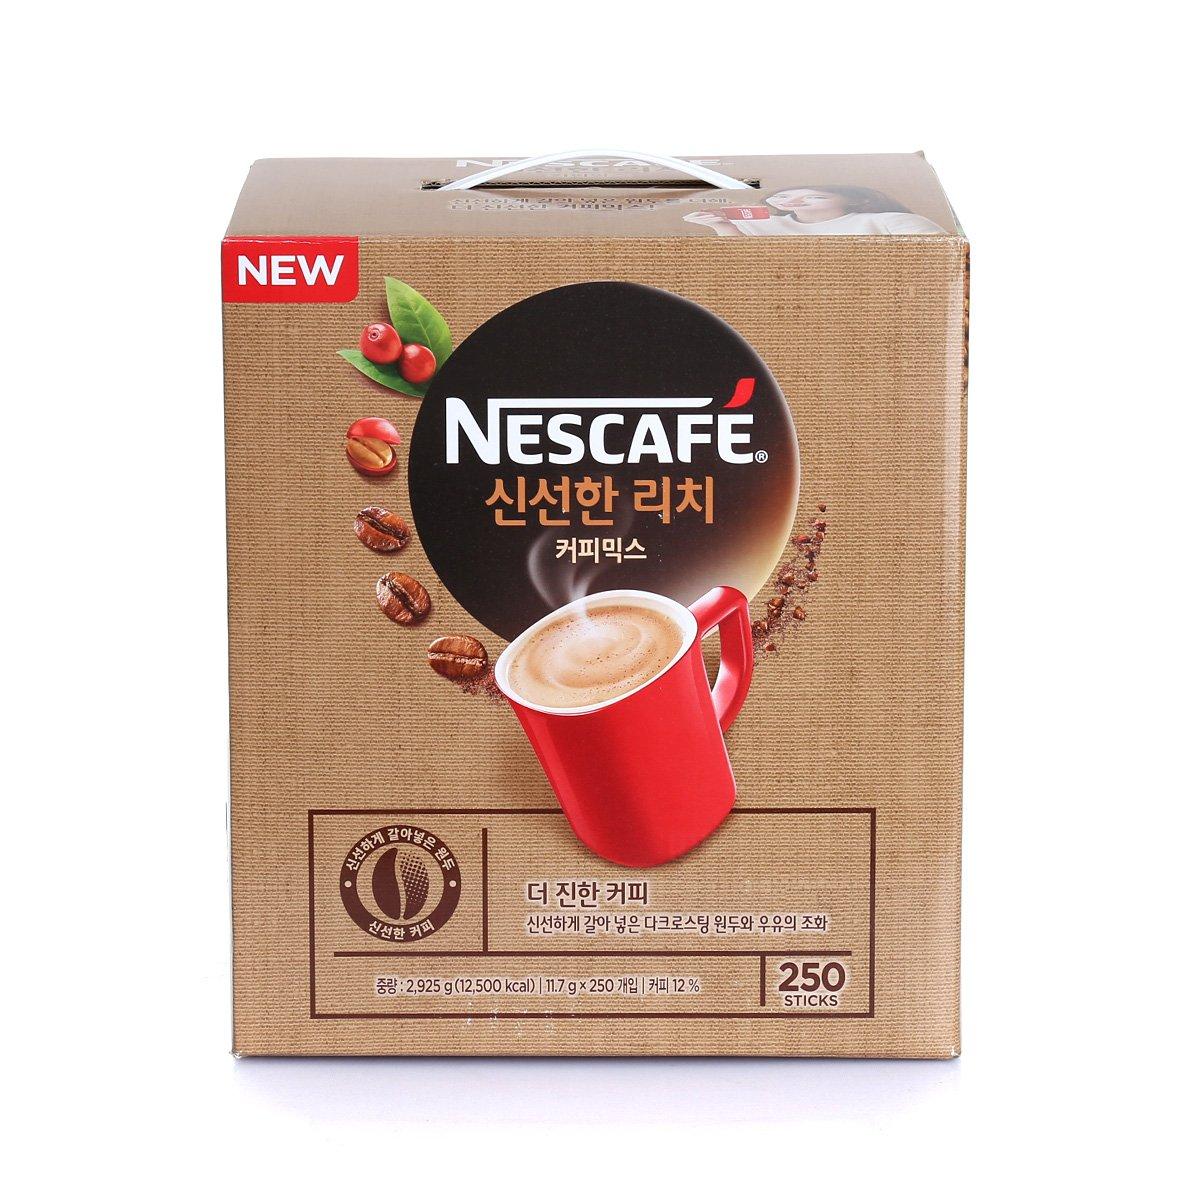 [NESCAFE] 신선한 리치 커피믹스 2925g(11.7gx250)